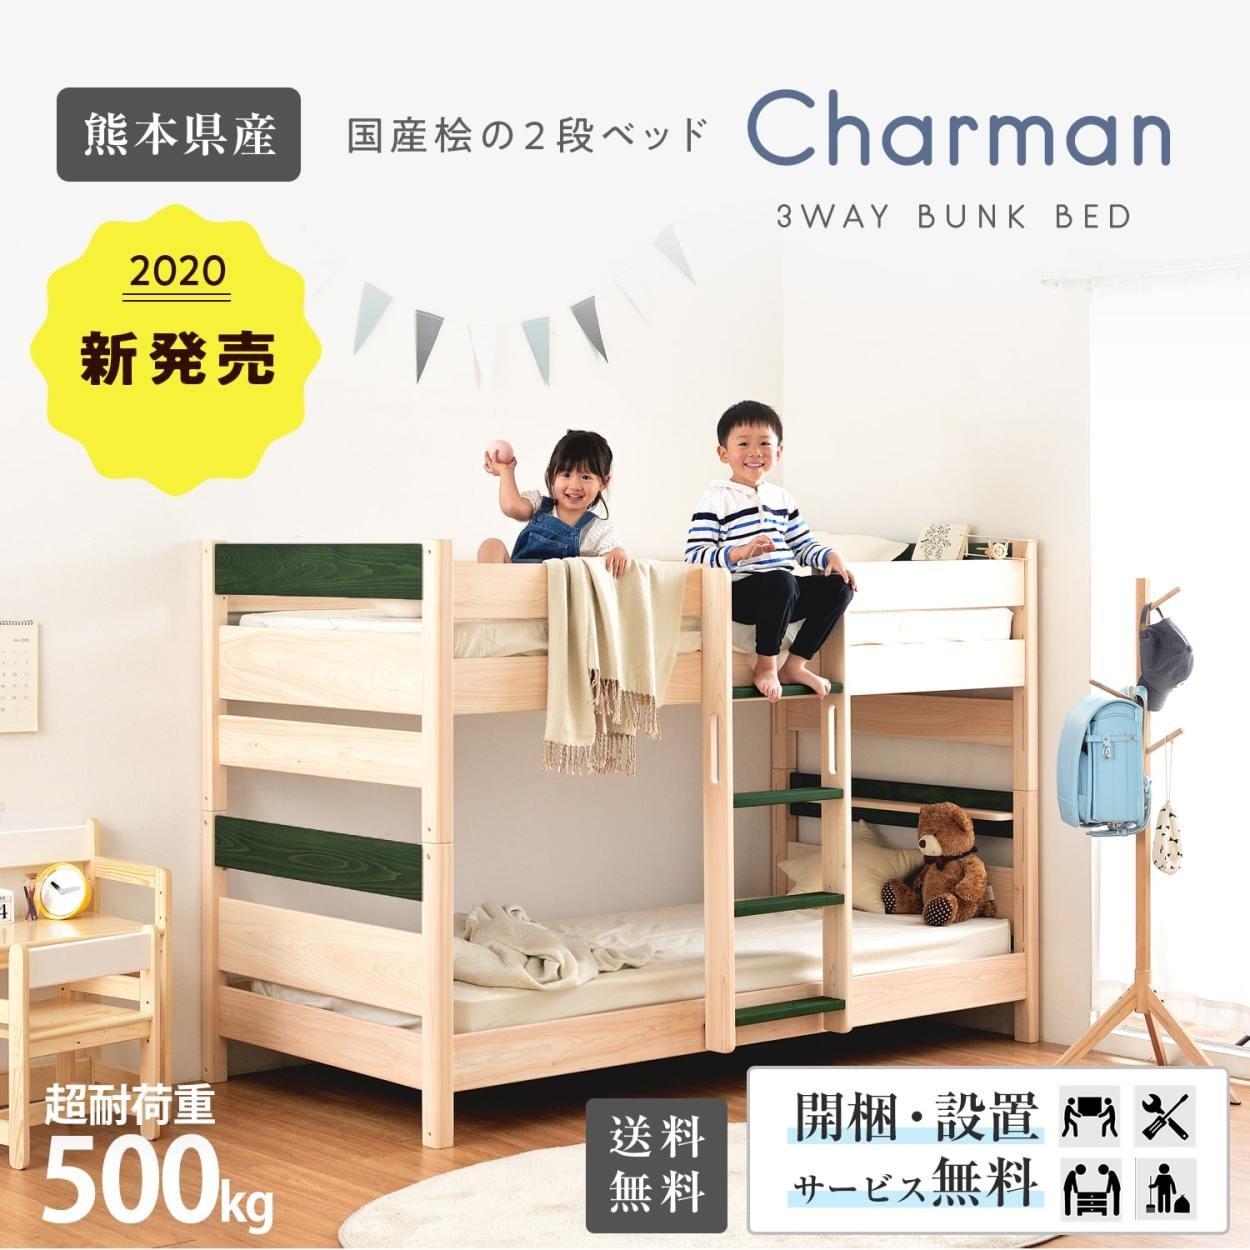 charman bankbed